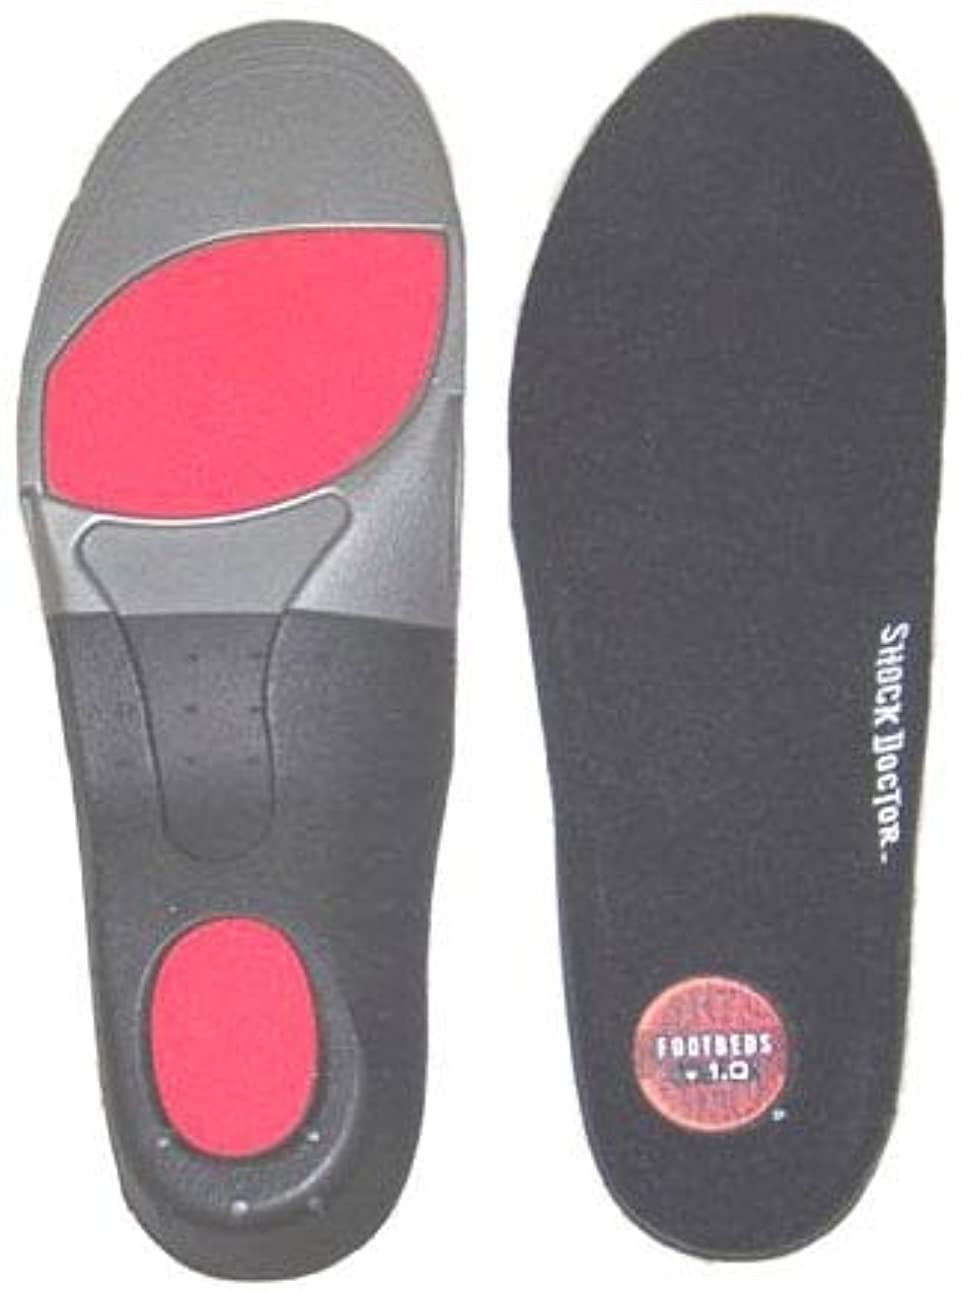 早熟オリエンタルスカーフShock Doctorカスタムサポートマルチ目的インソールランニングハイキングスケート、1ペア